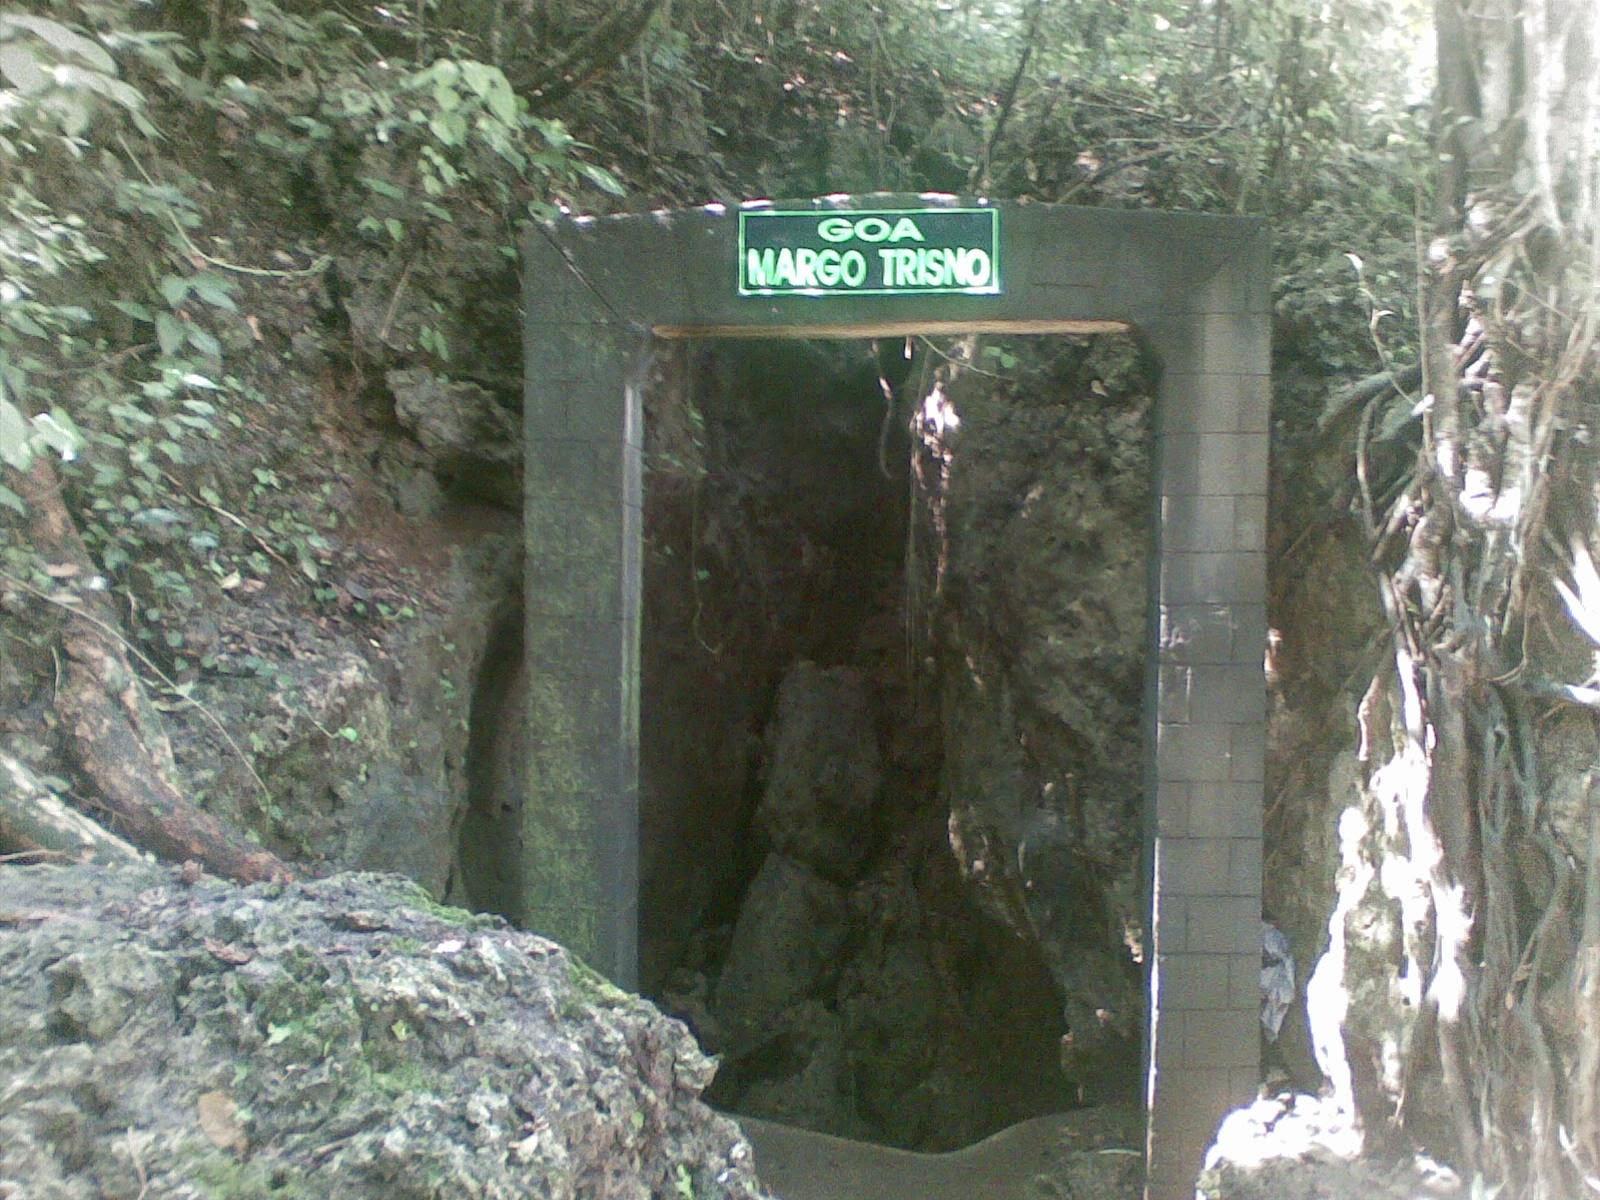 Goa Margo Trisno